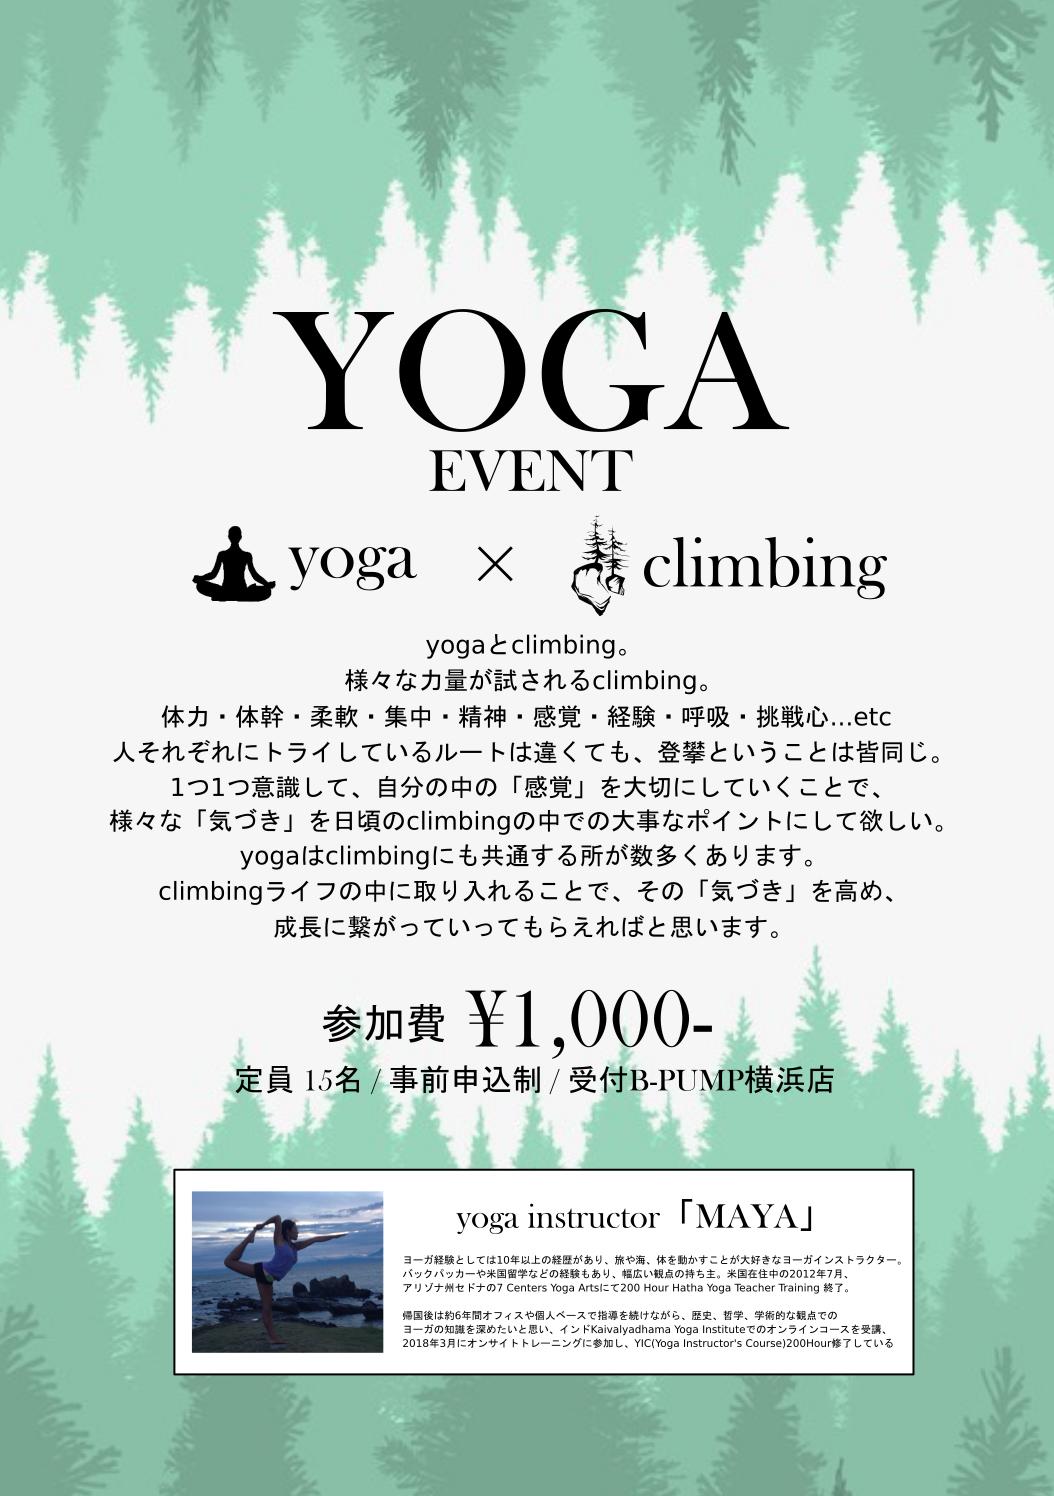 B-PUMP横浜『Yoga』イベント開催